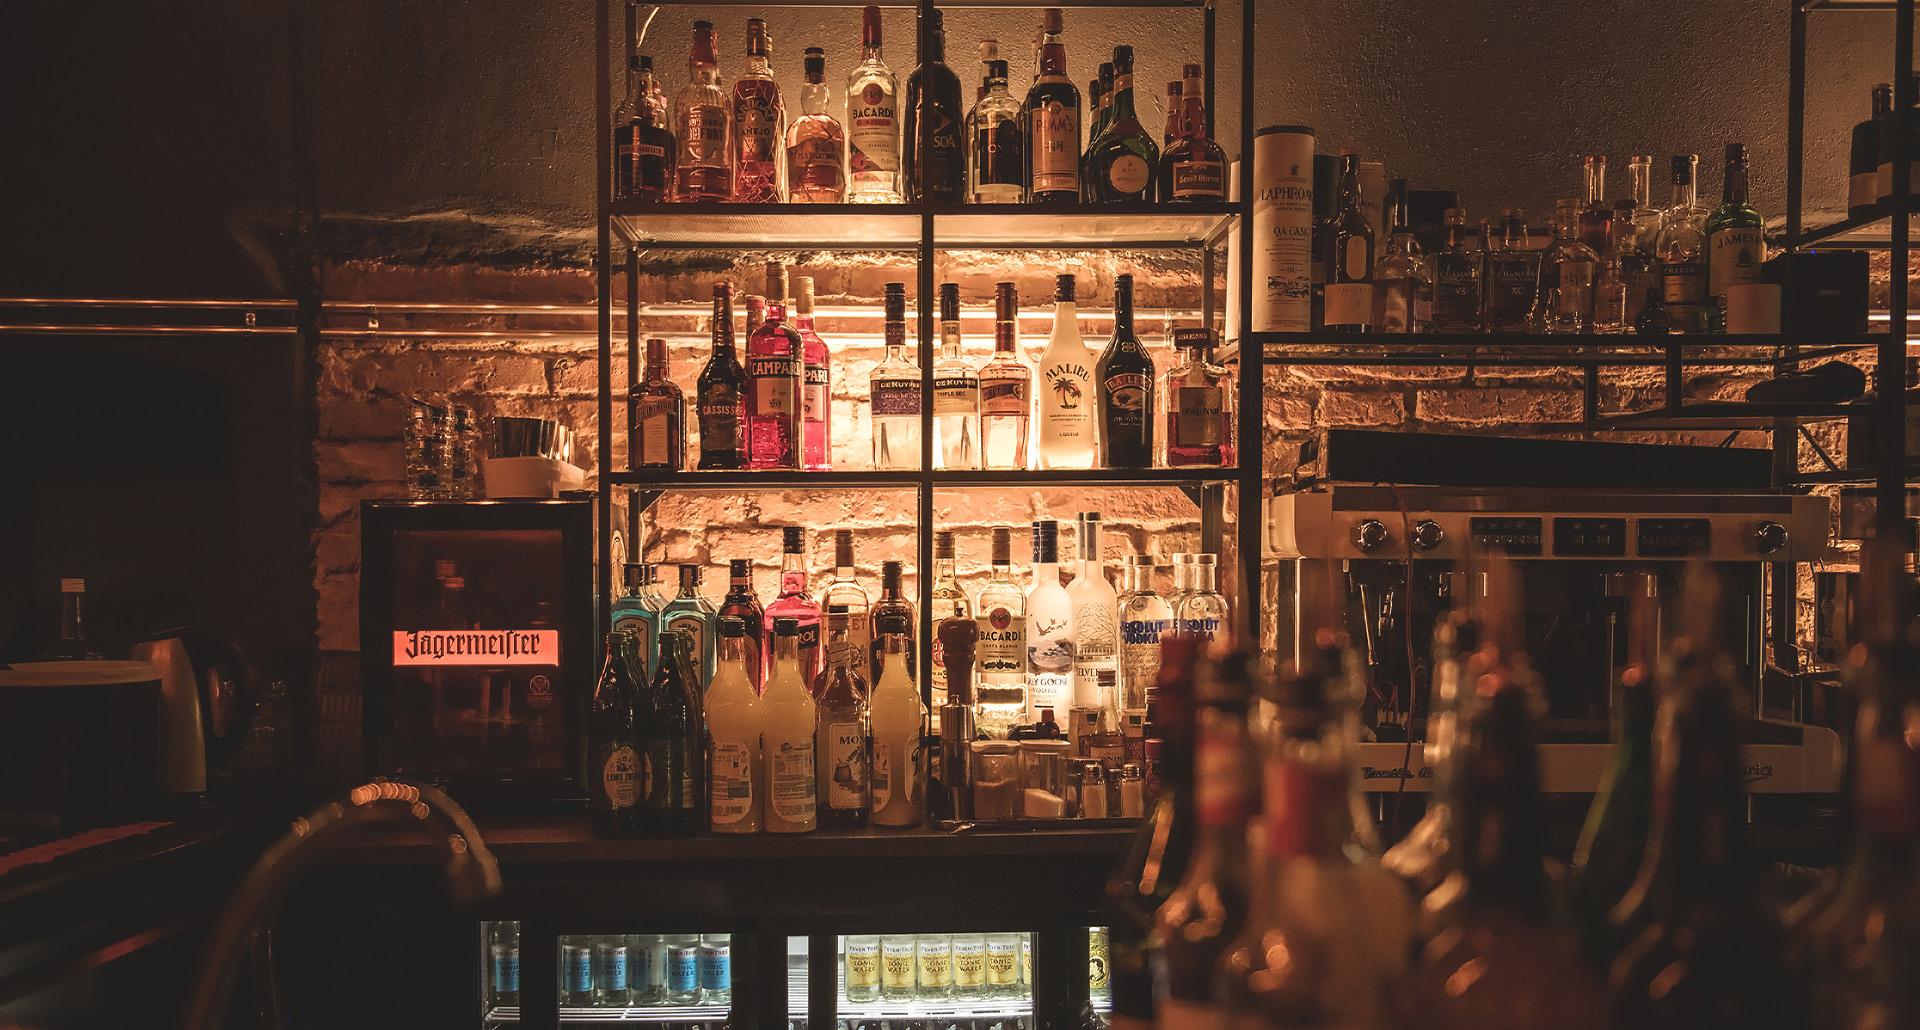 brick-bar-header-startseite-2